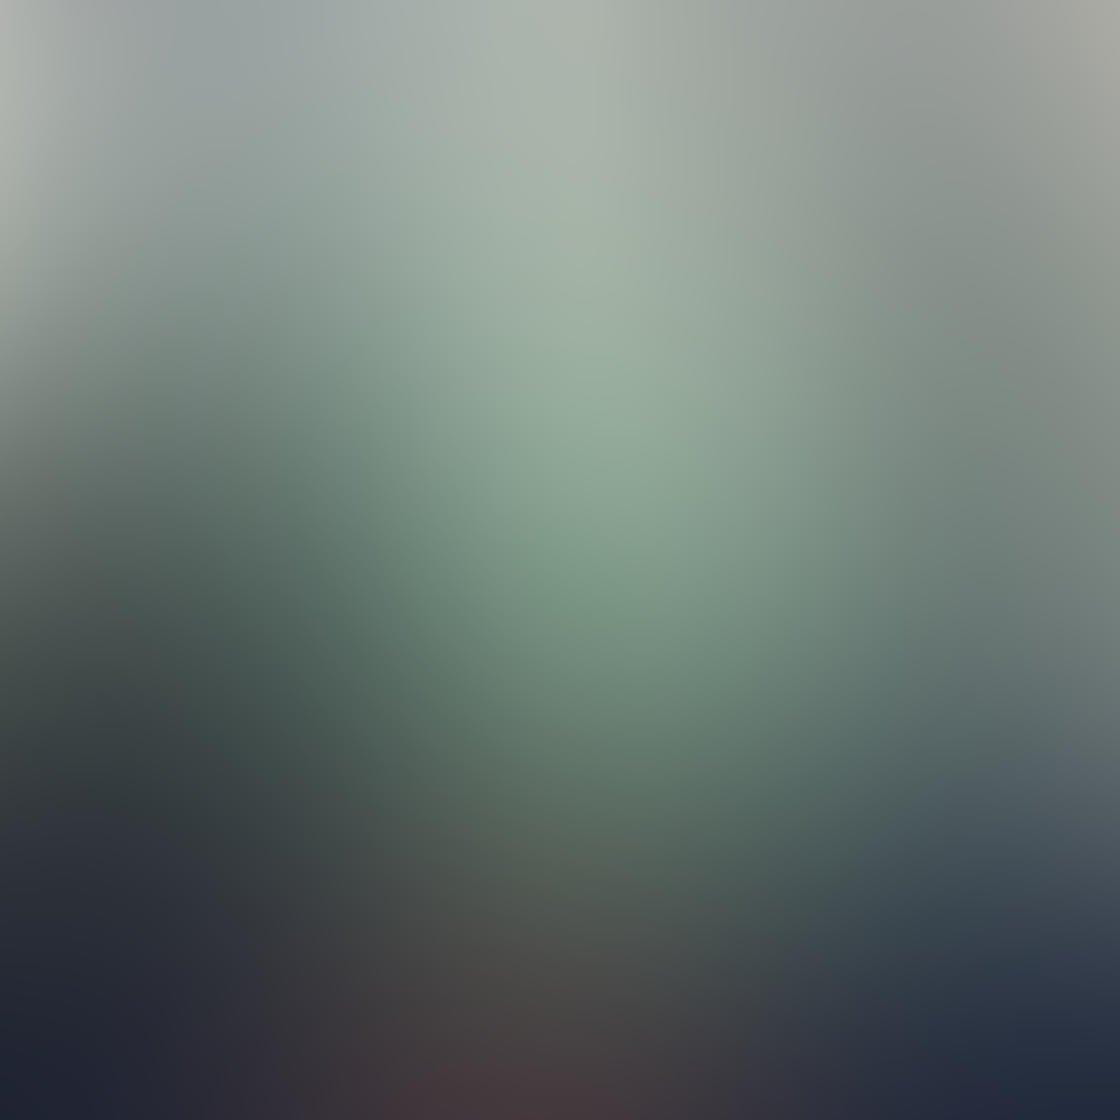 Fog & Mist iPhone Photos 23